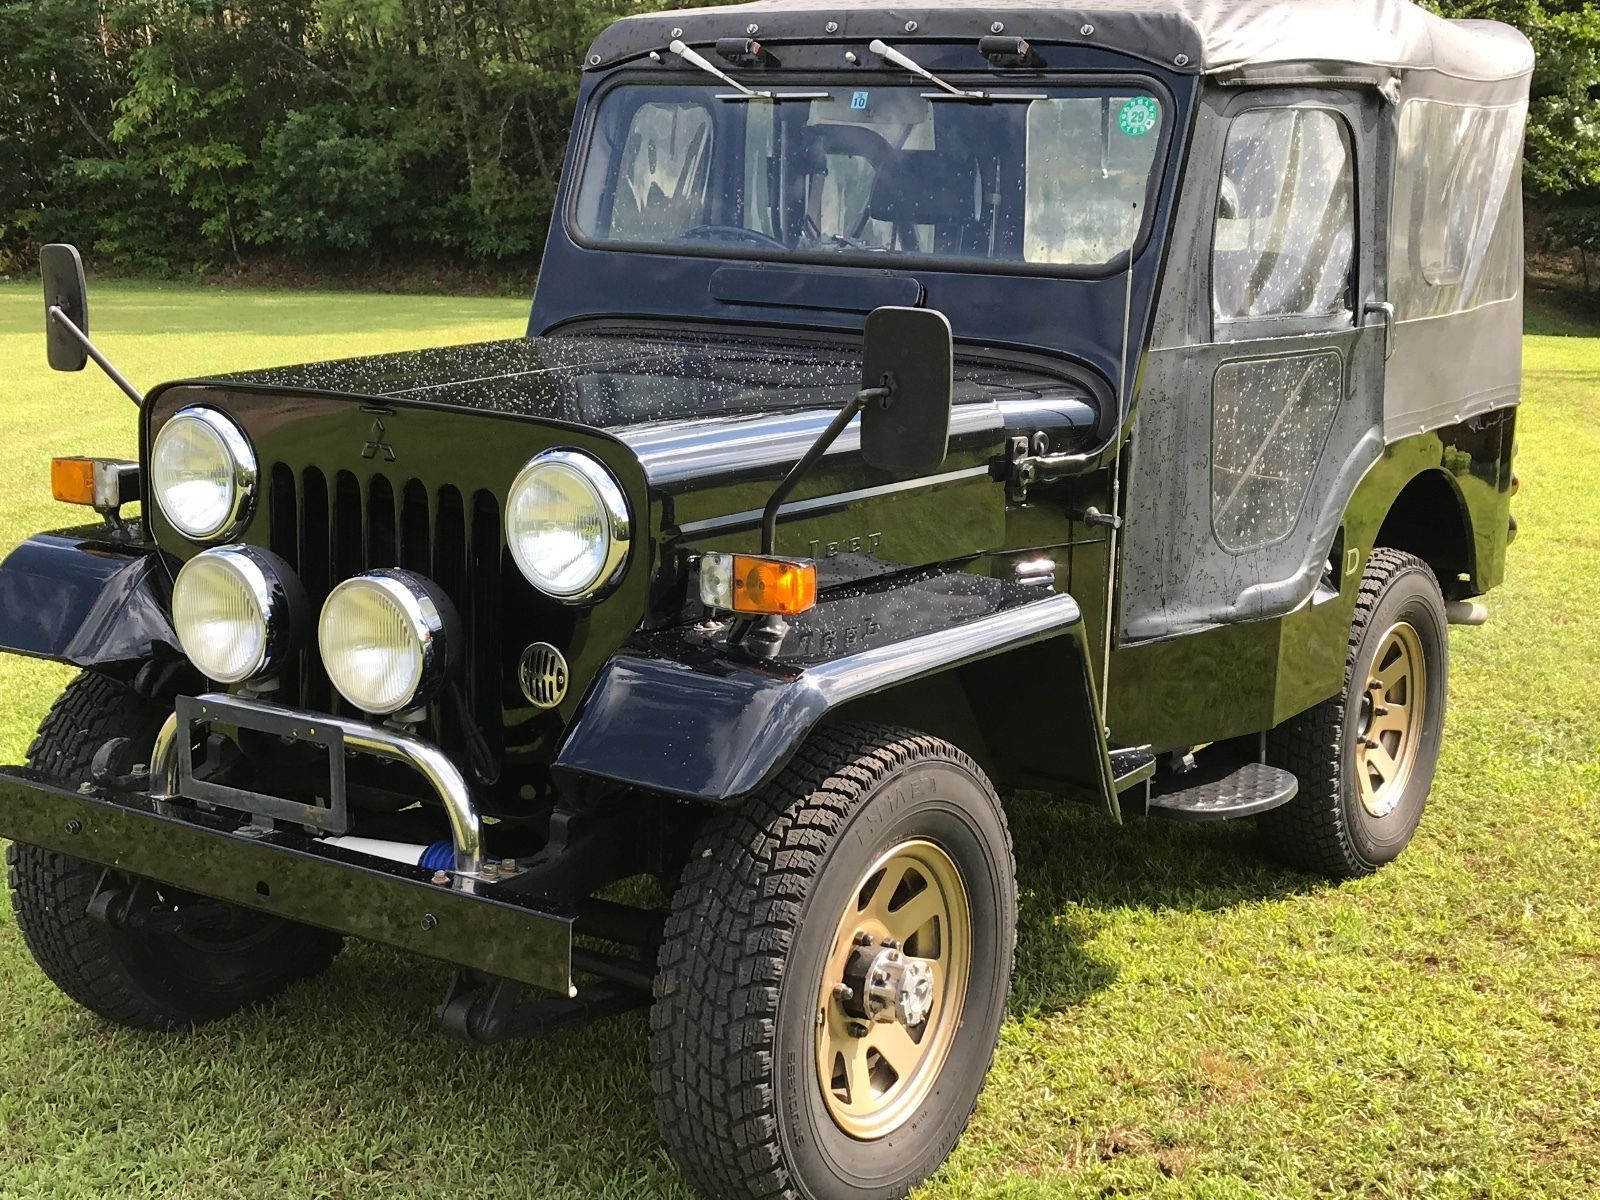 eBay 1991 Jeep Other 1991 Mitsubishi jeep Willis j53 JDM RHD turbo